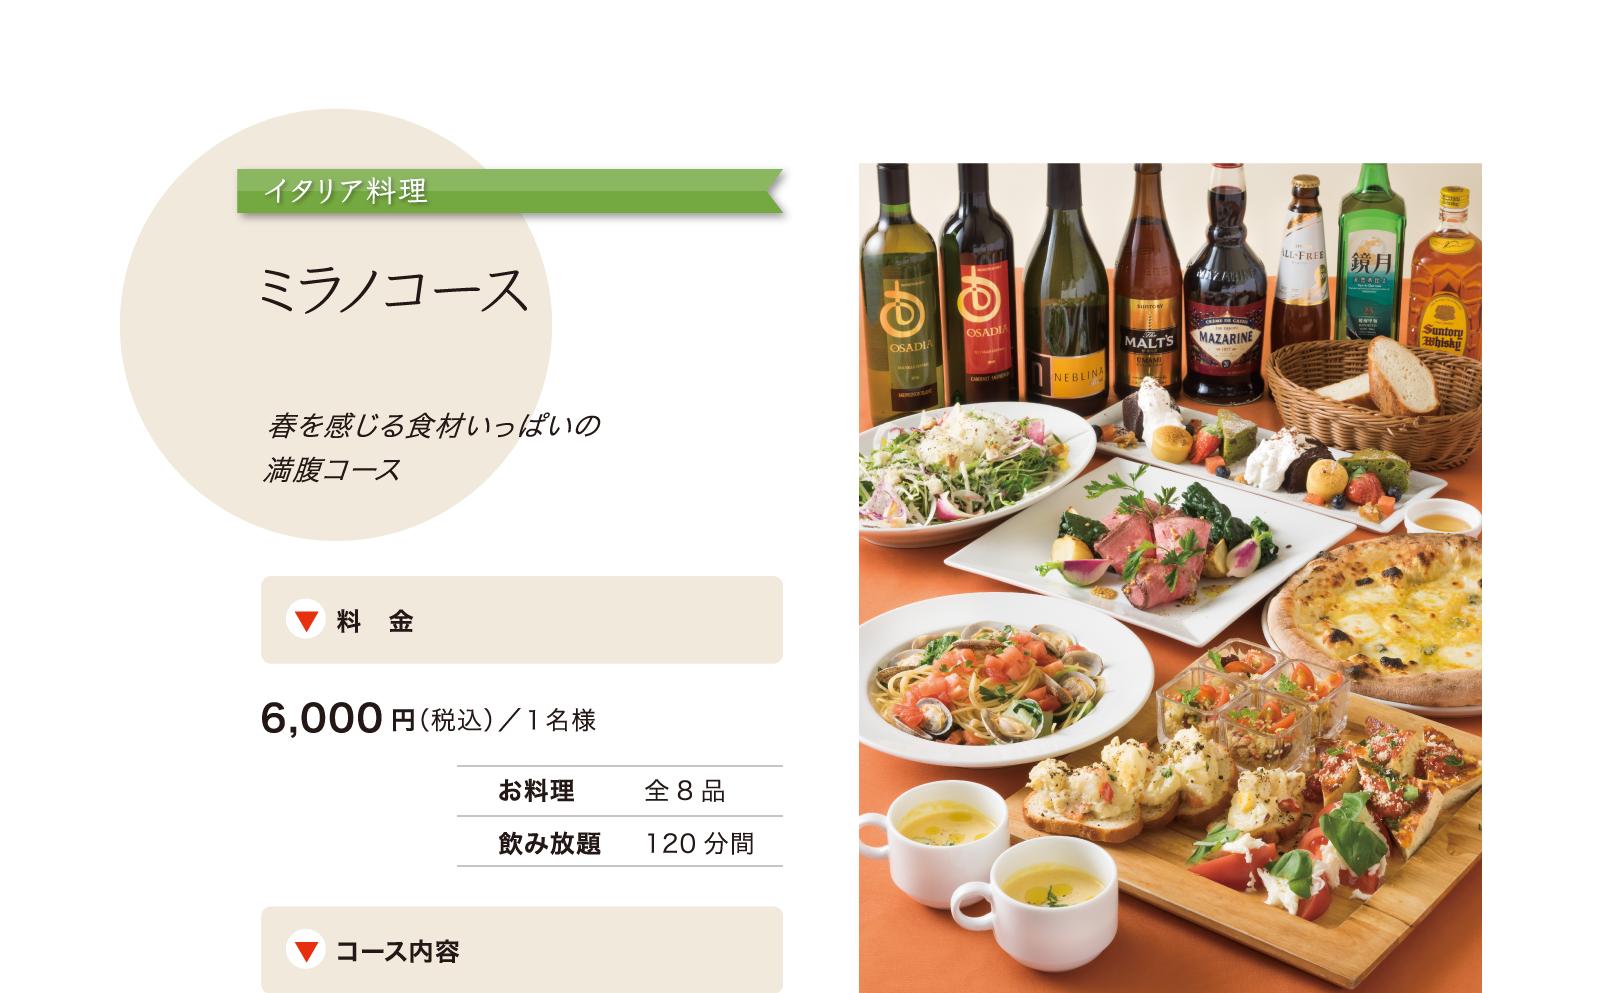 ミラノコース/お一人様あたり6000円(税込)